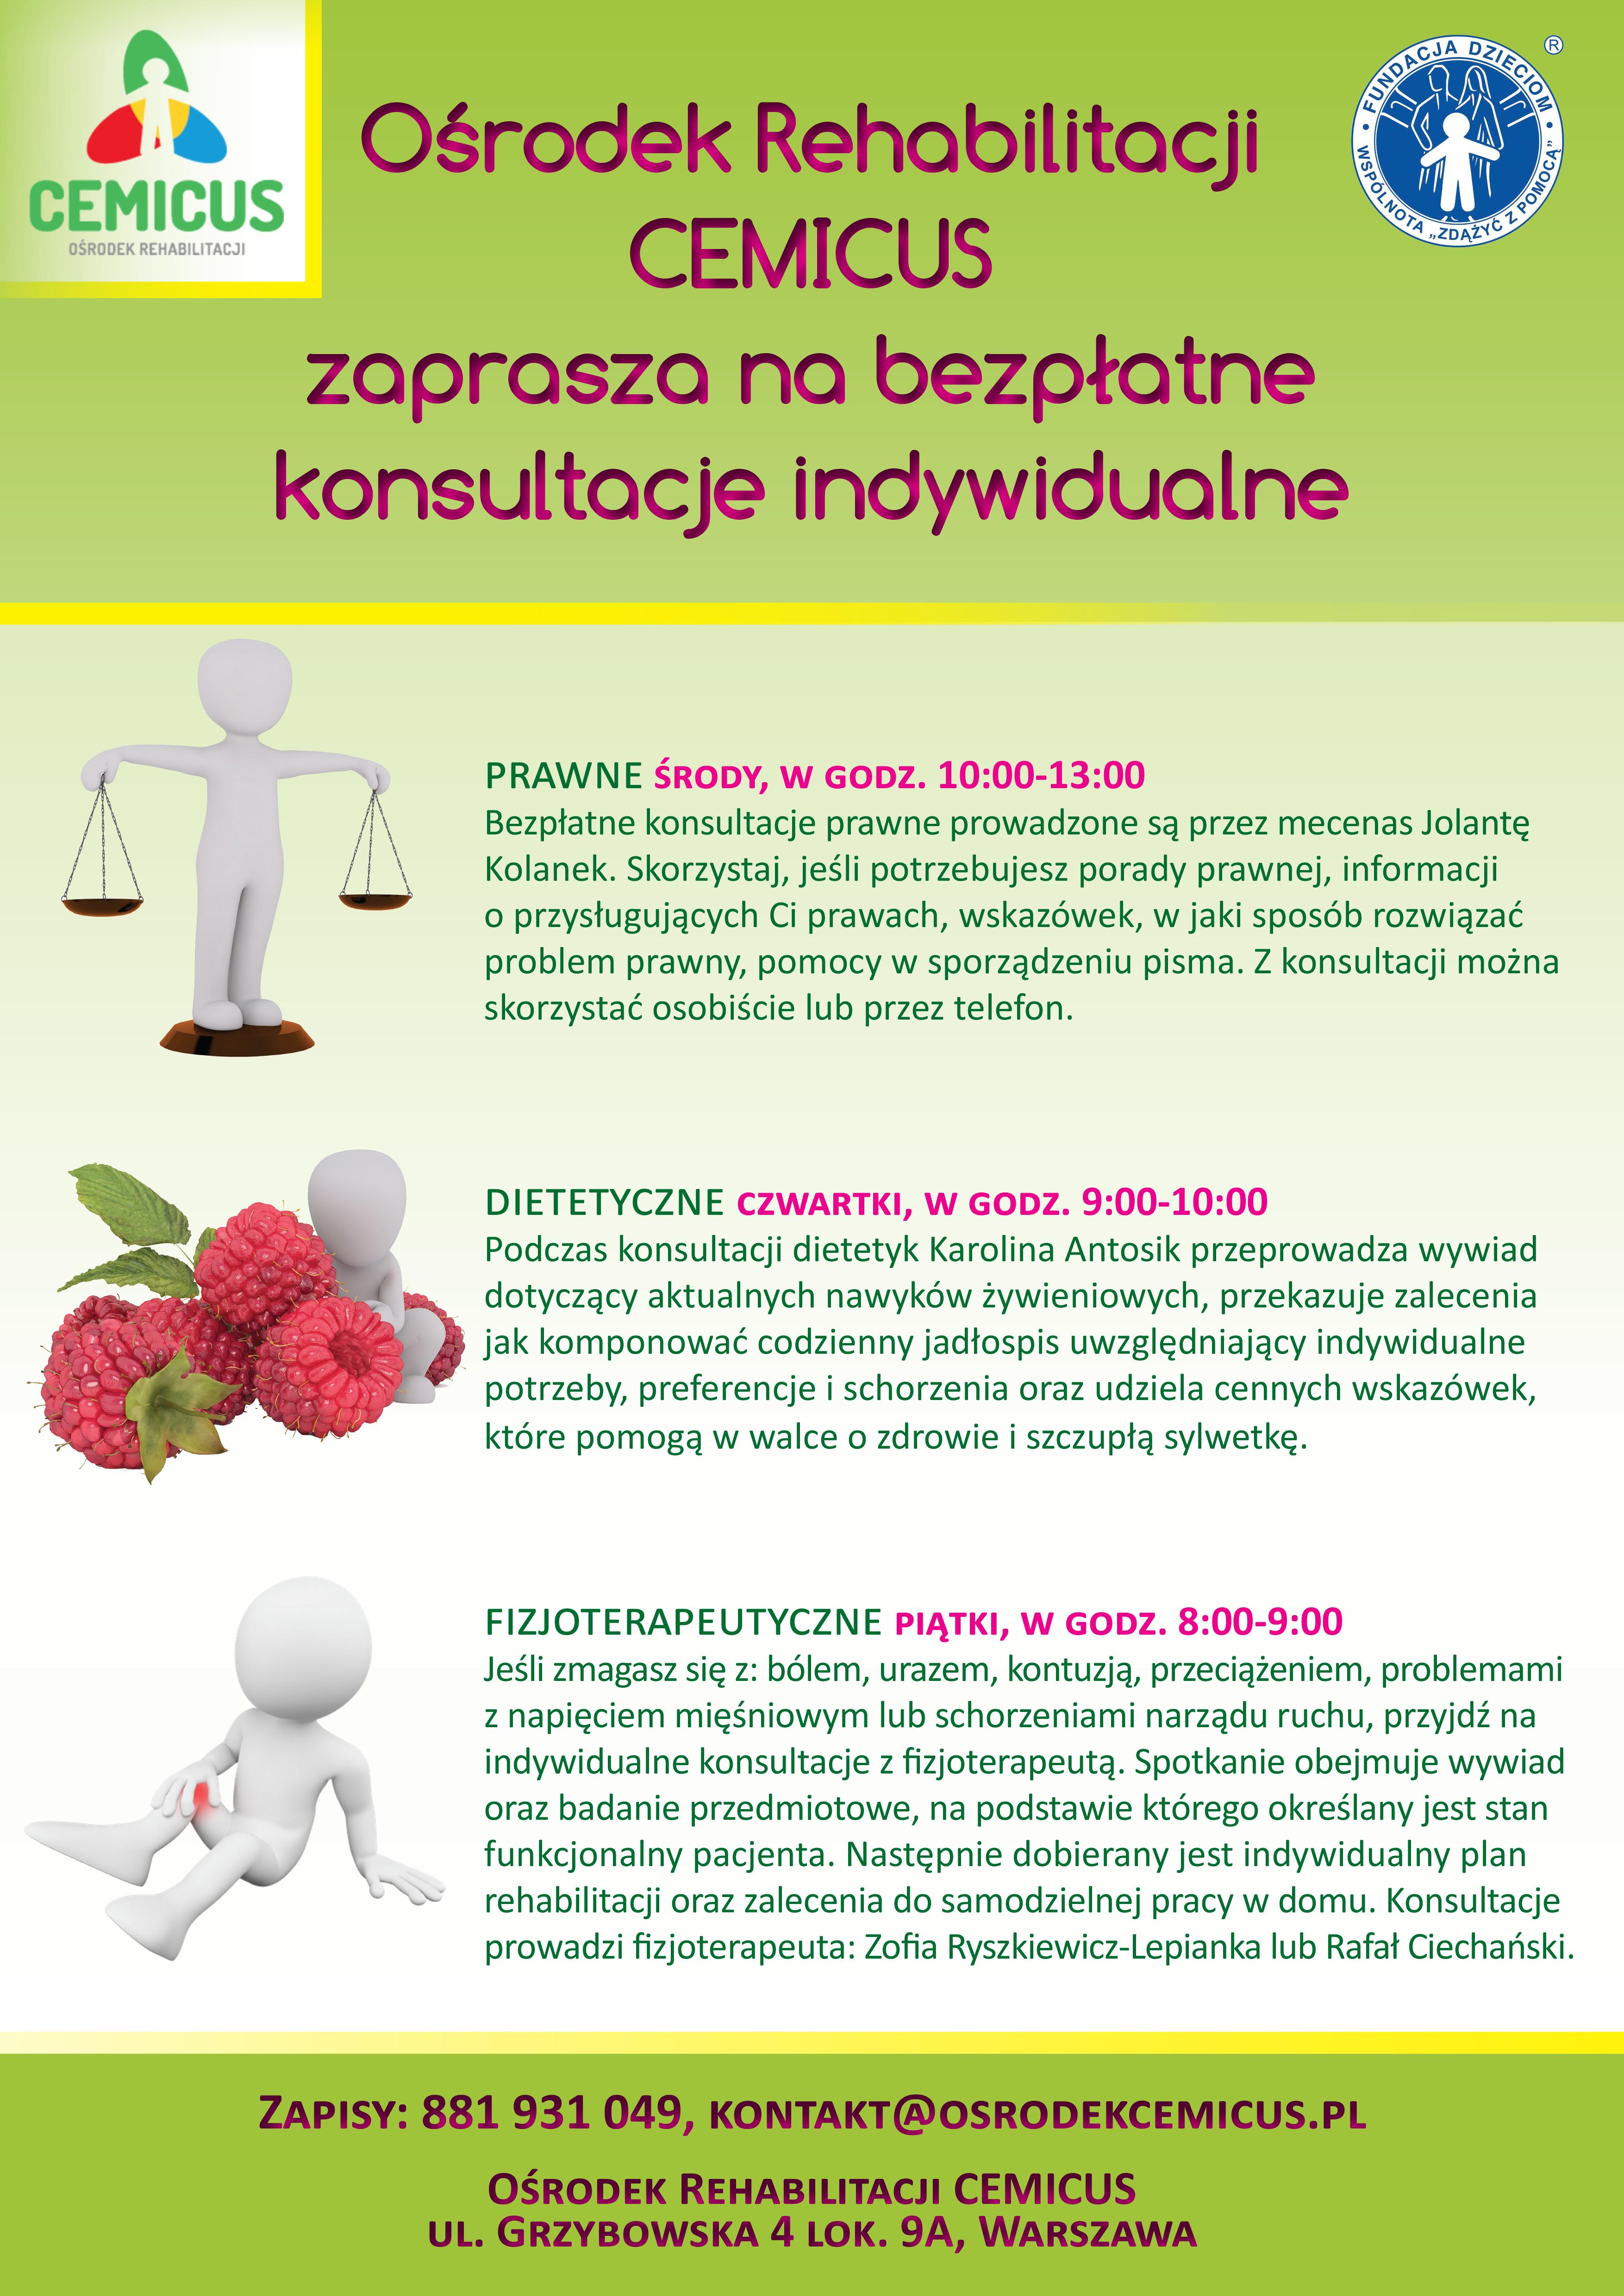 bezplatne zajecia_cemicus